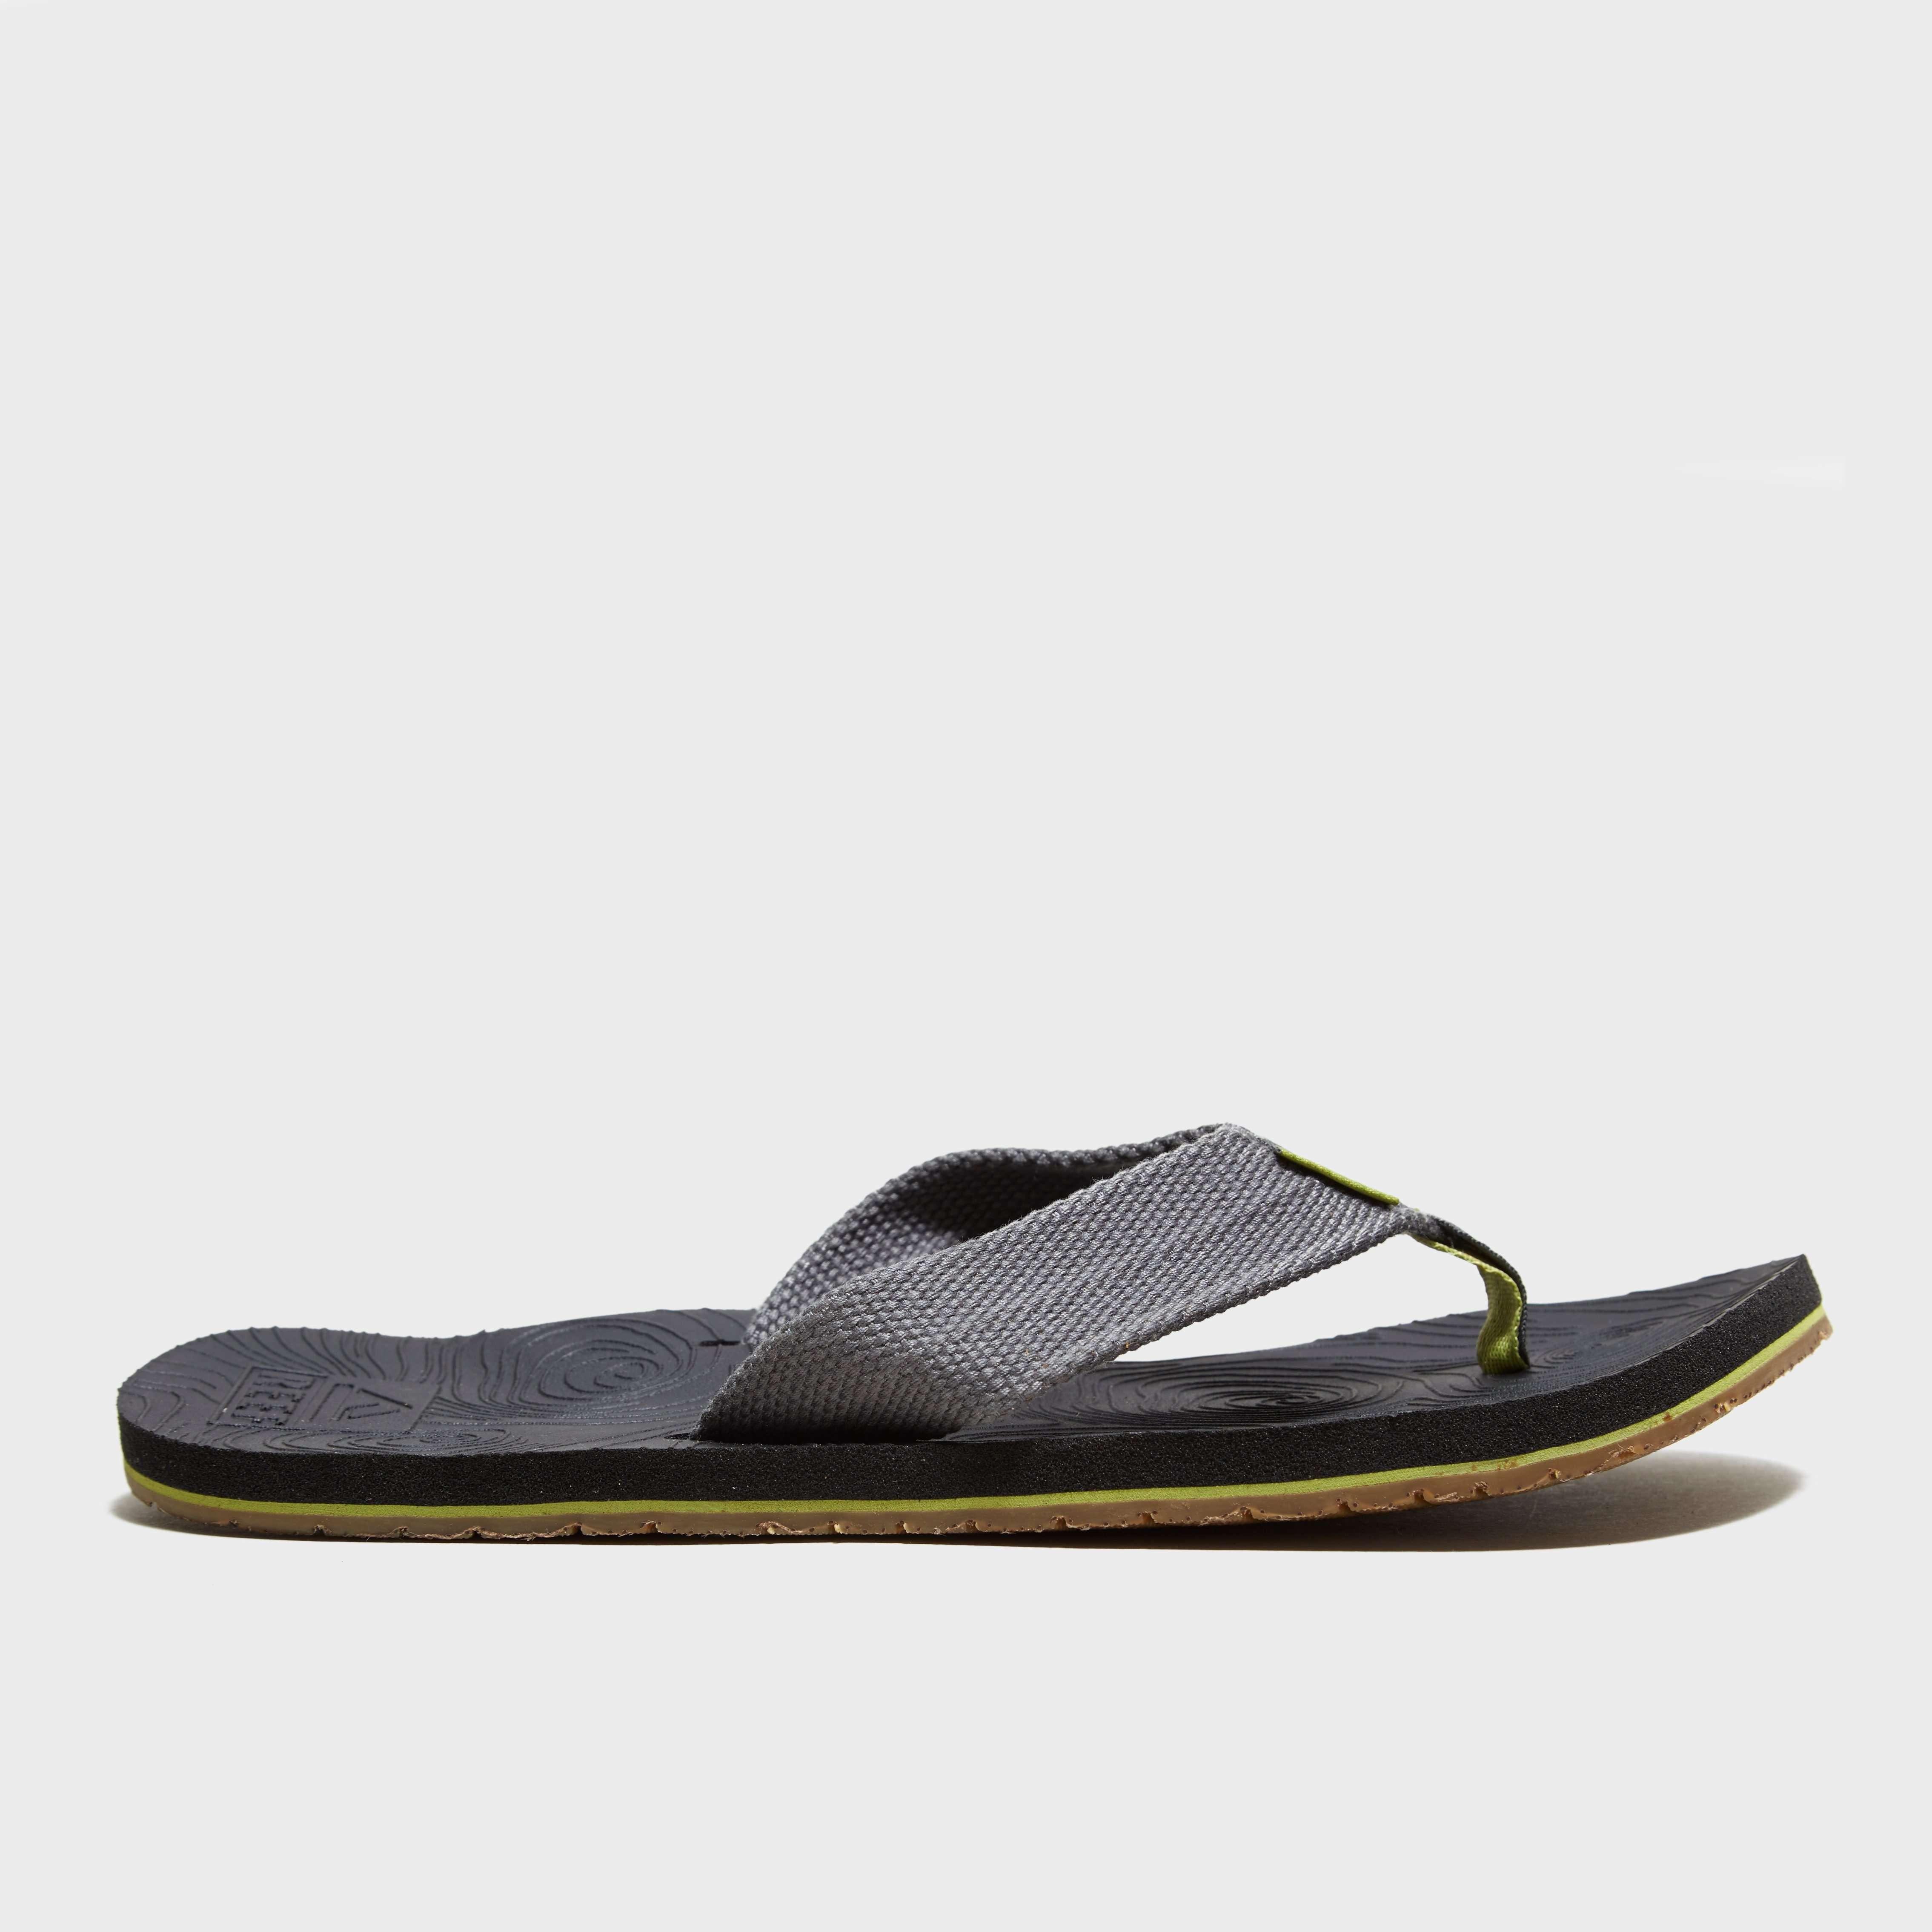 REEF Men's Zen Sandals